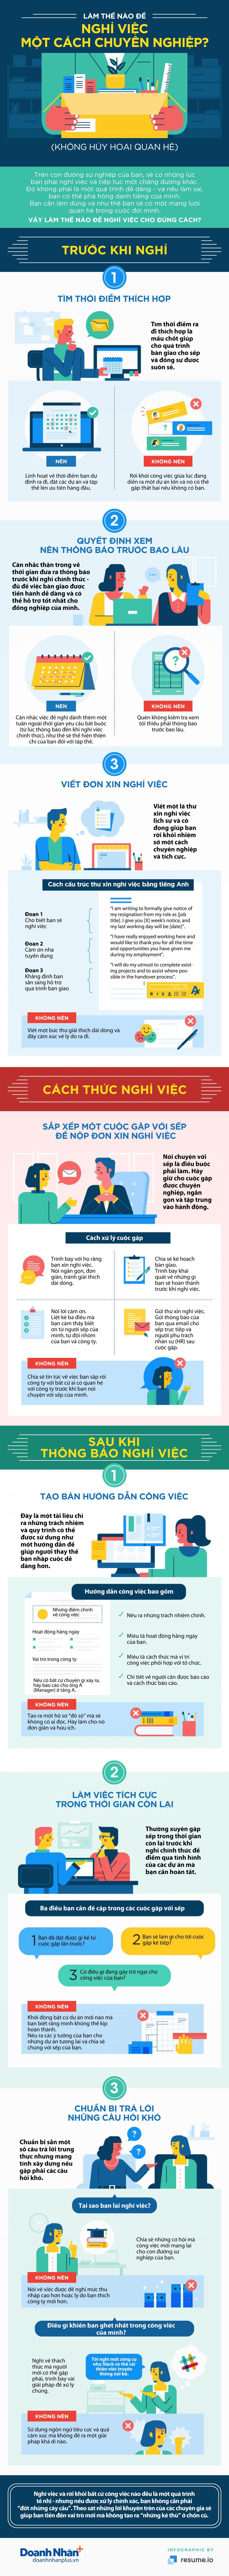 [Infographic] Để nghỉ việc một cách chuyên nghiệp và không hủy hoại quan hệ - 1